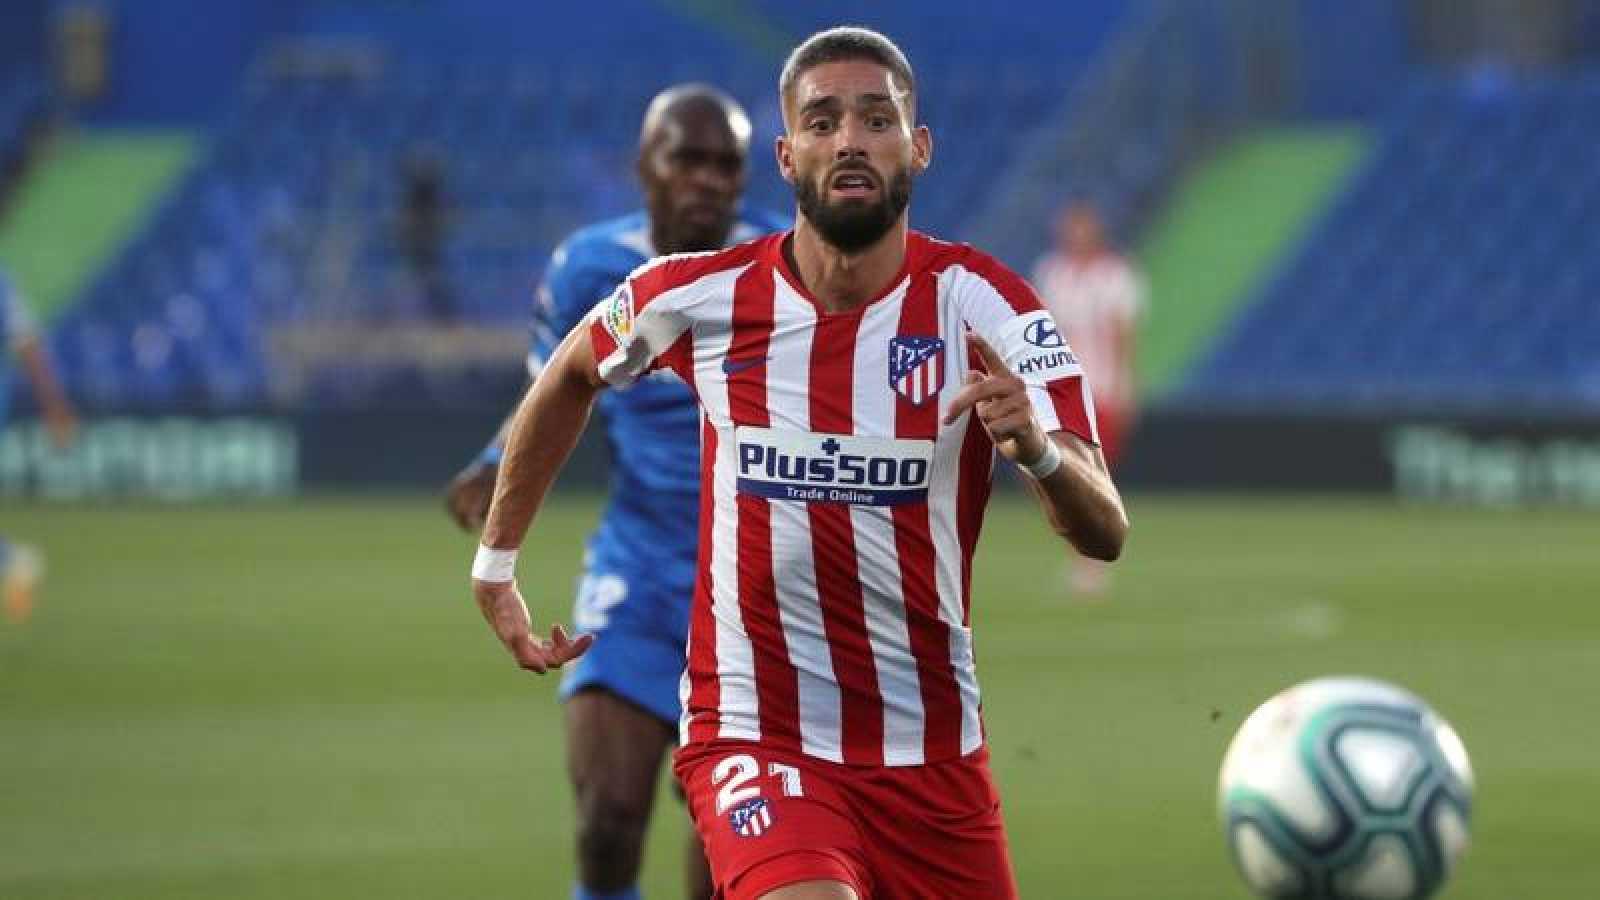 El centrocampista belga del Atlético de Madrid, Yannick Ferreira-Carrasco, persigue un balón.